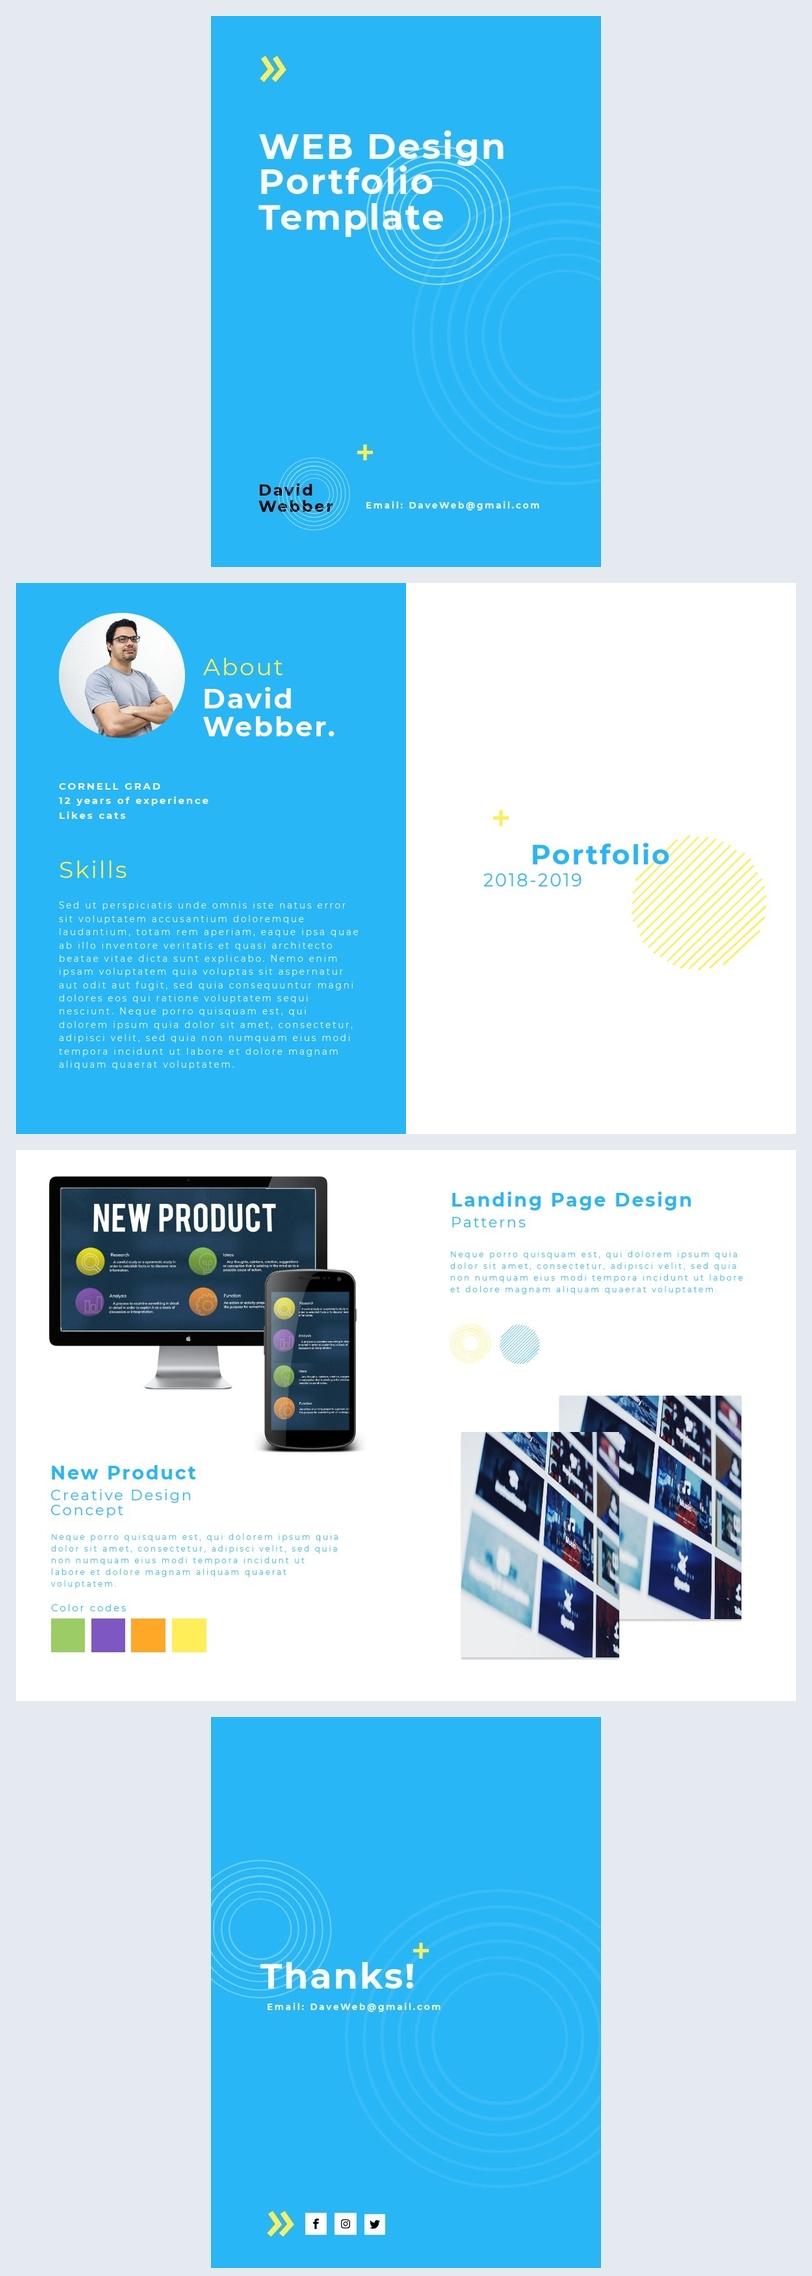 Plantilla para portafolios de diseño de sitios web